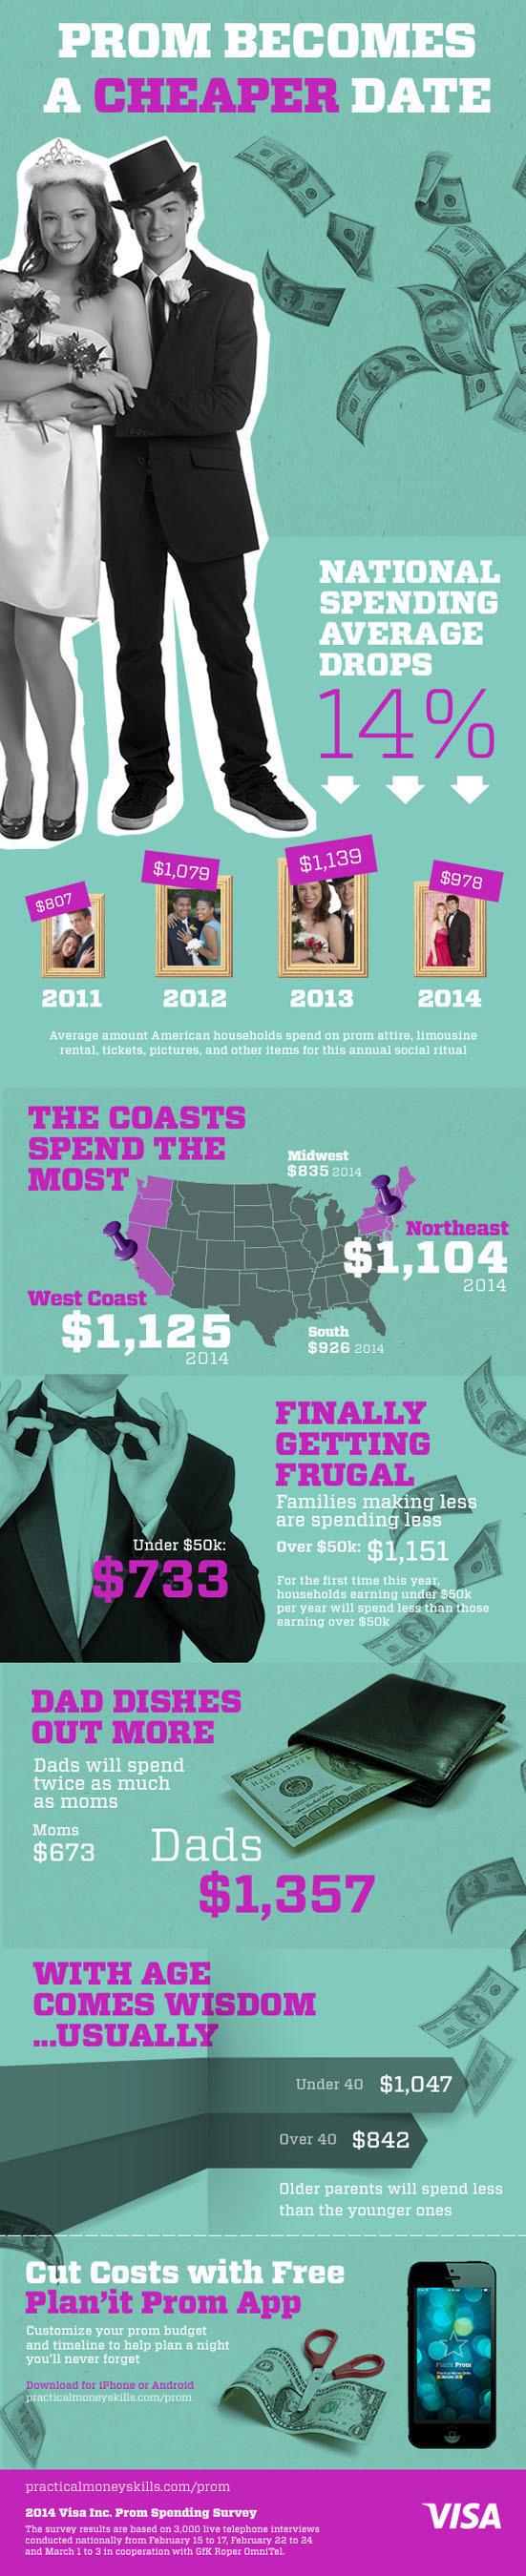 Visa's 2014 prom survey infographic.  (PRNewsFoto/Visa Inc.)